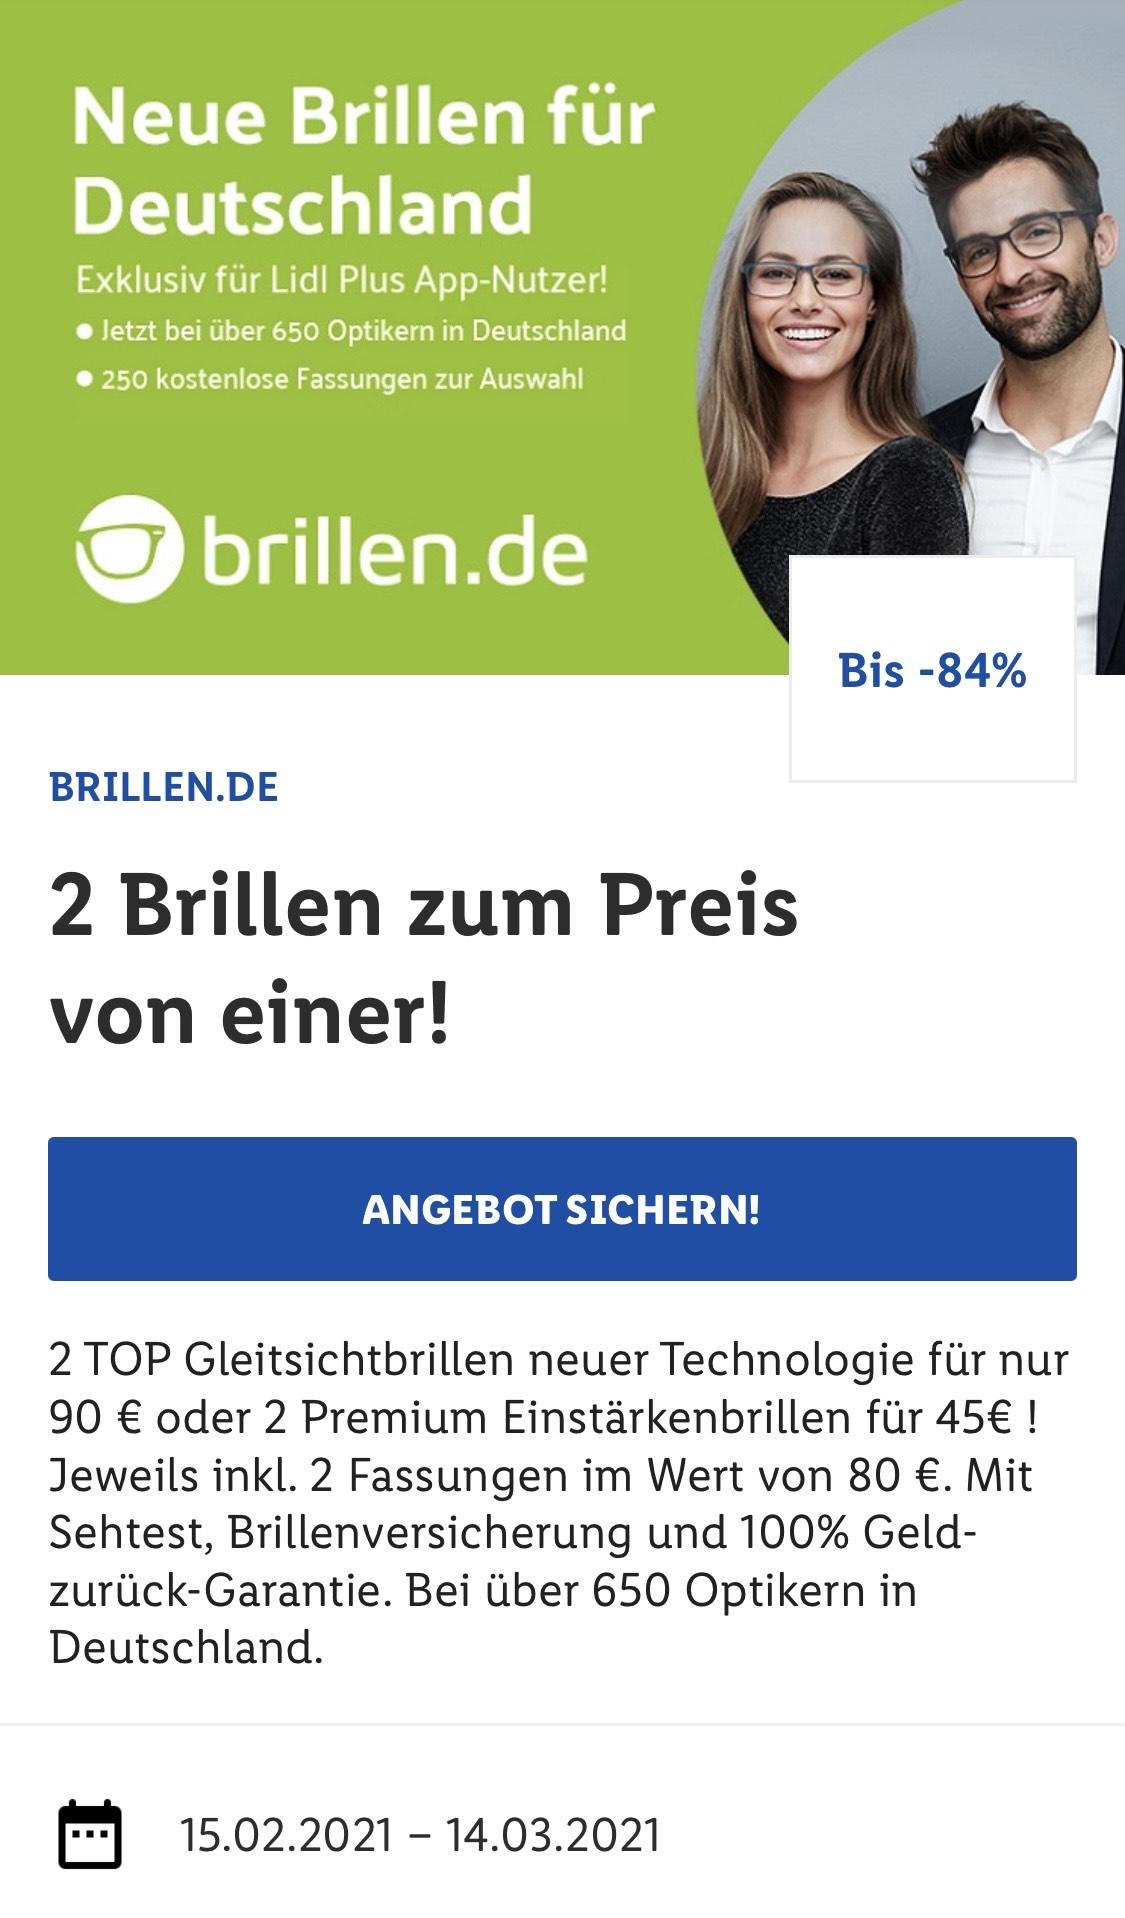 LIDL Plus - 2x Gleitsichtbrillen für 90 €